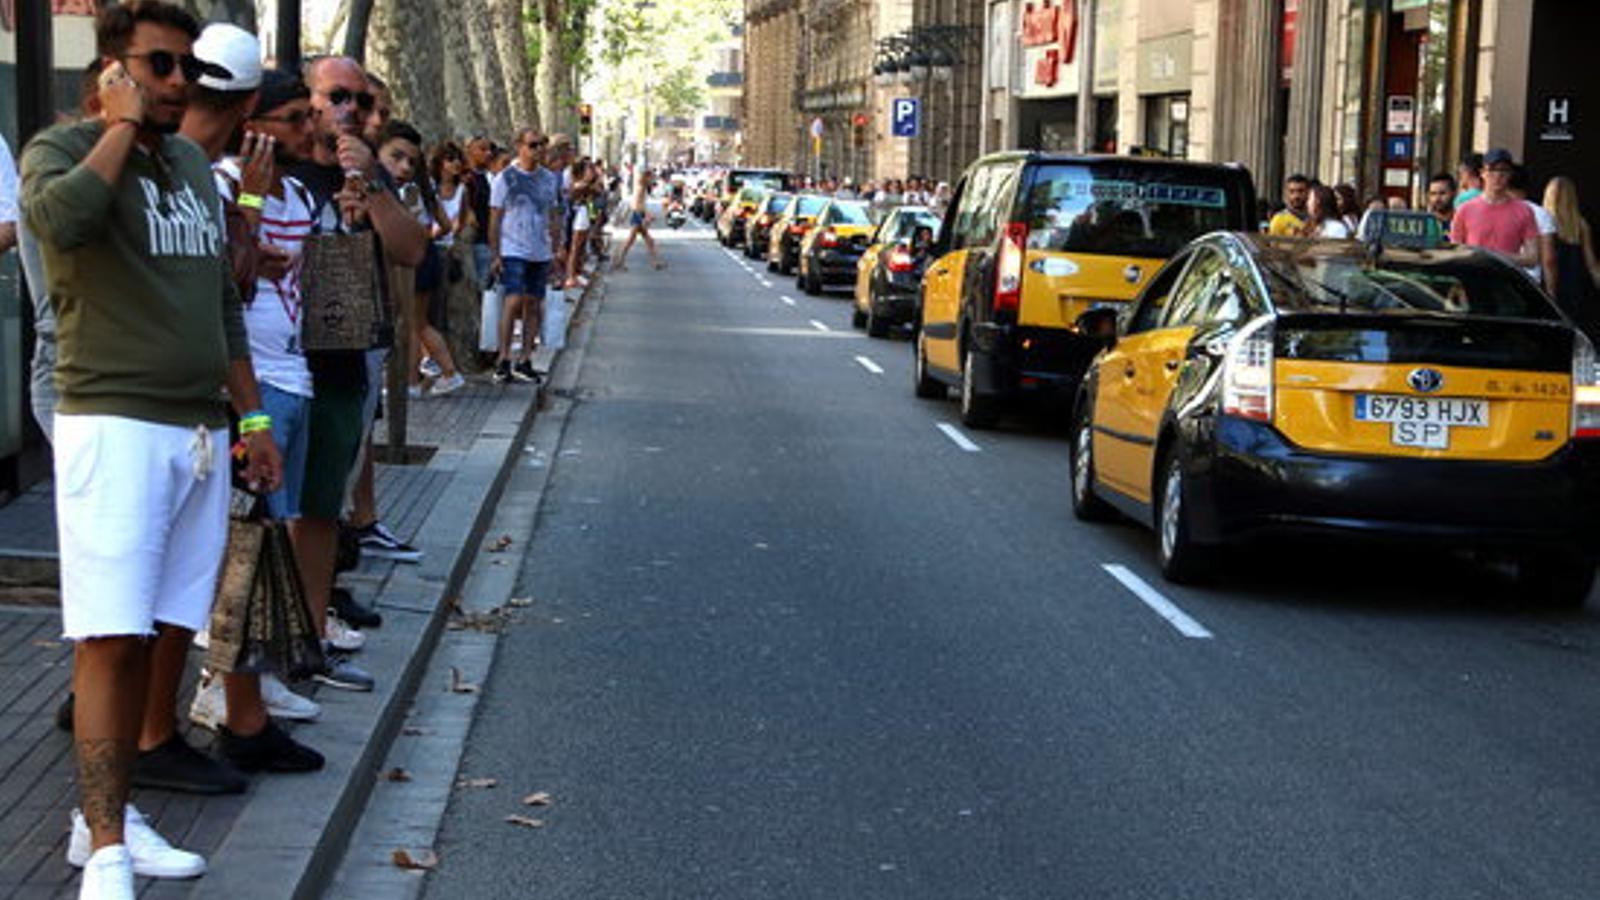 Taxis baixant per la Rambla en marxa lenta, en solidaritat amb les víctimes dels atemptats